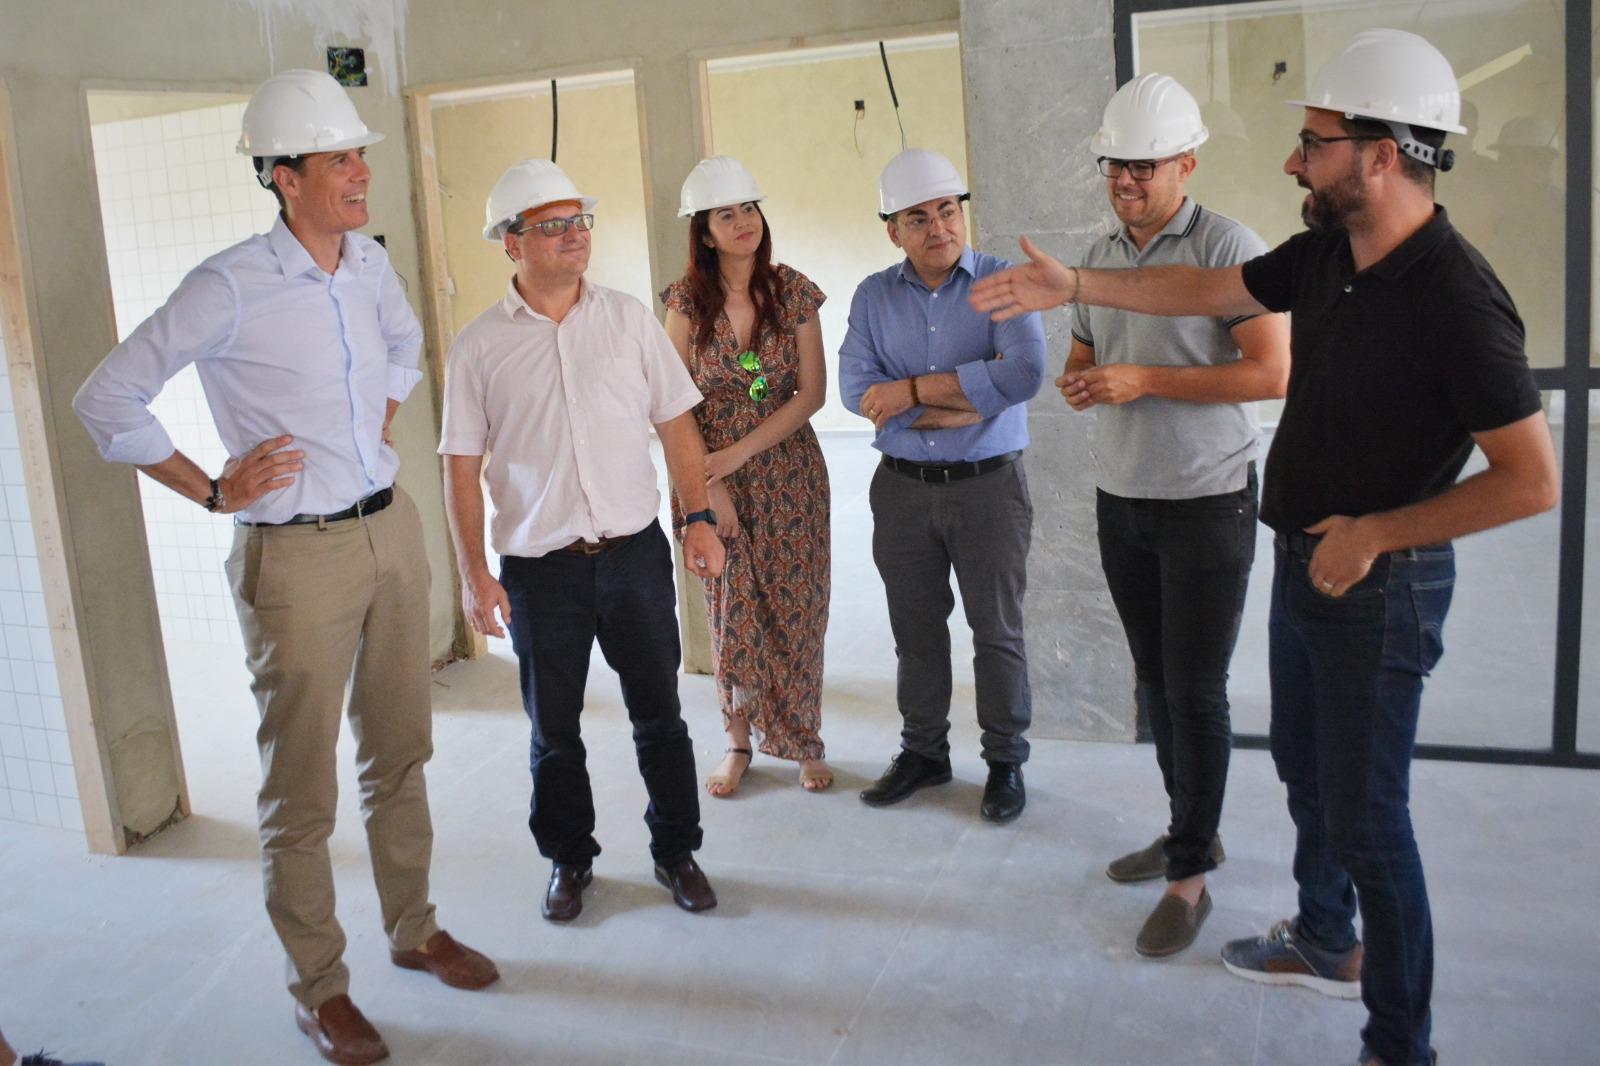 La Sede de Cruz Roja realiza una reforma total del edificio con la que mejorará sus servicios